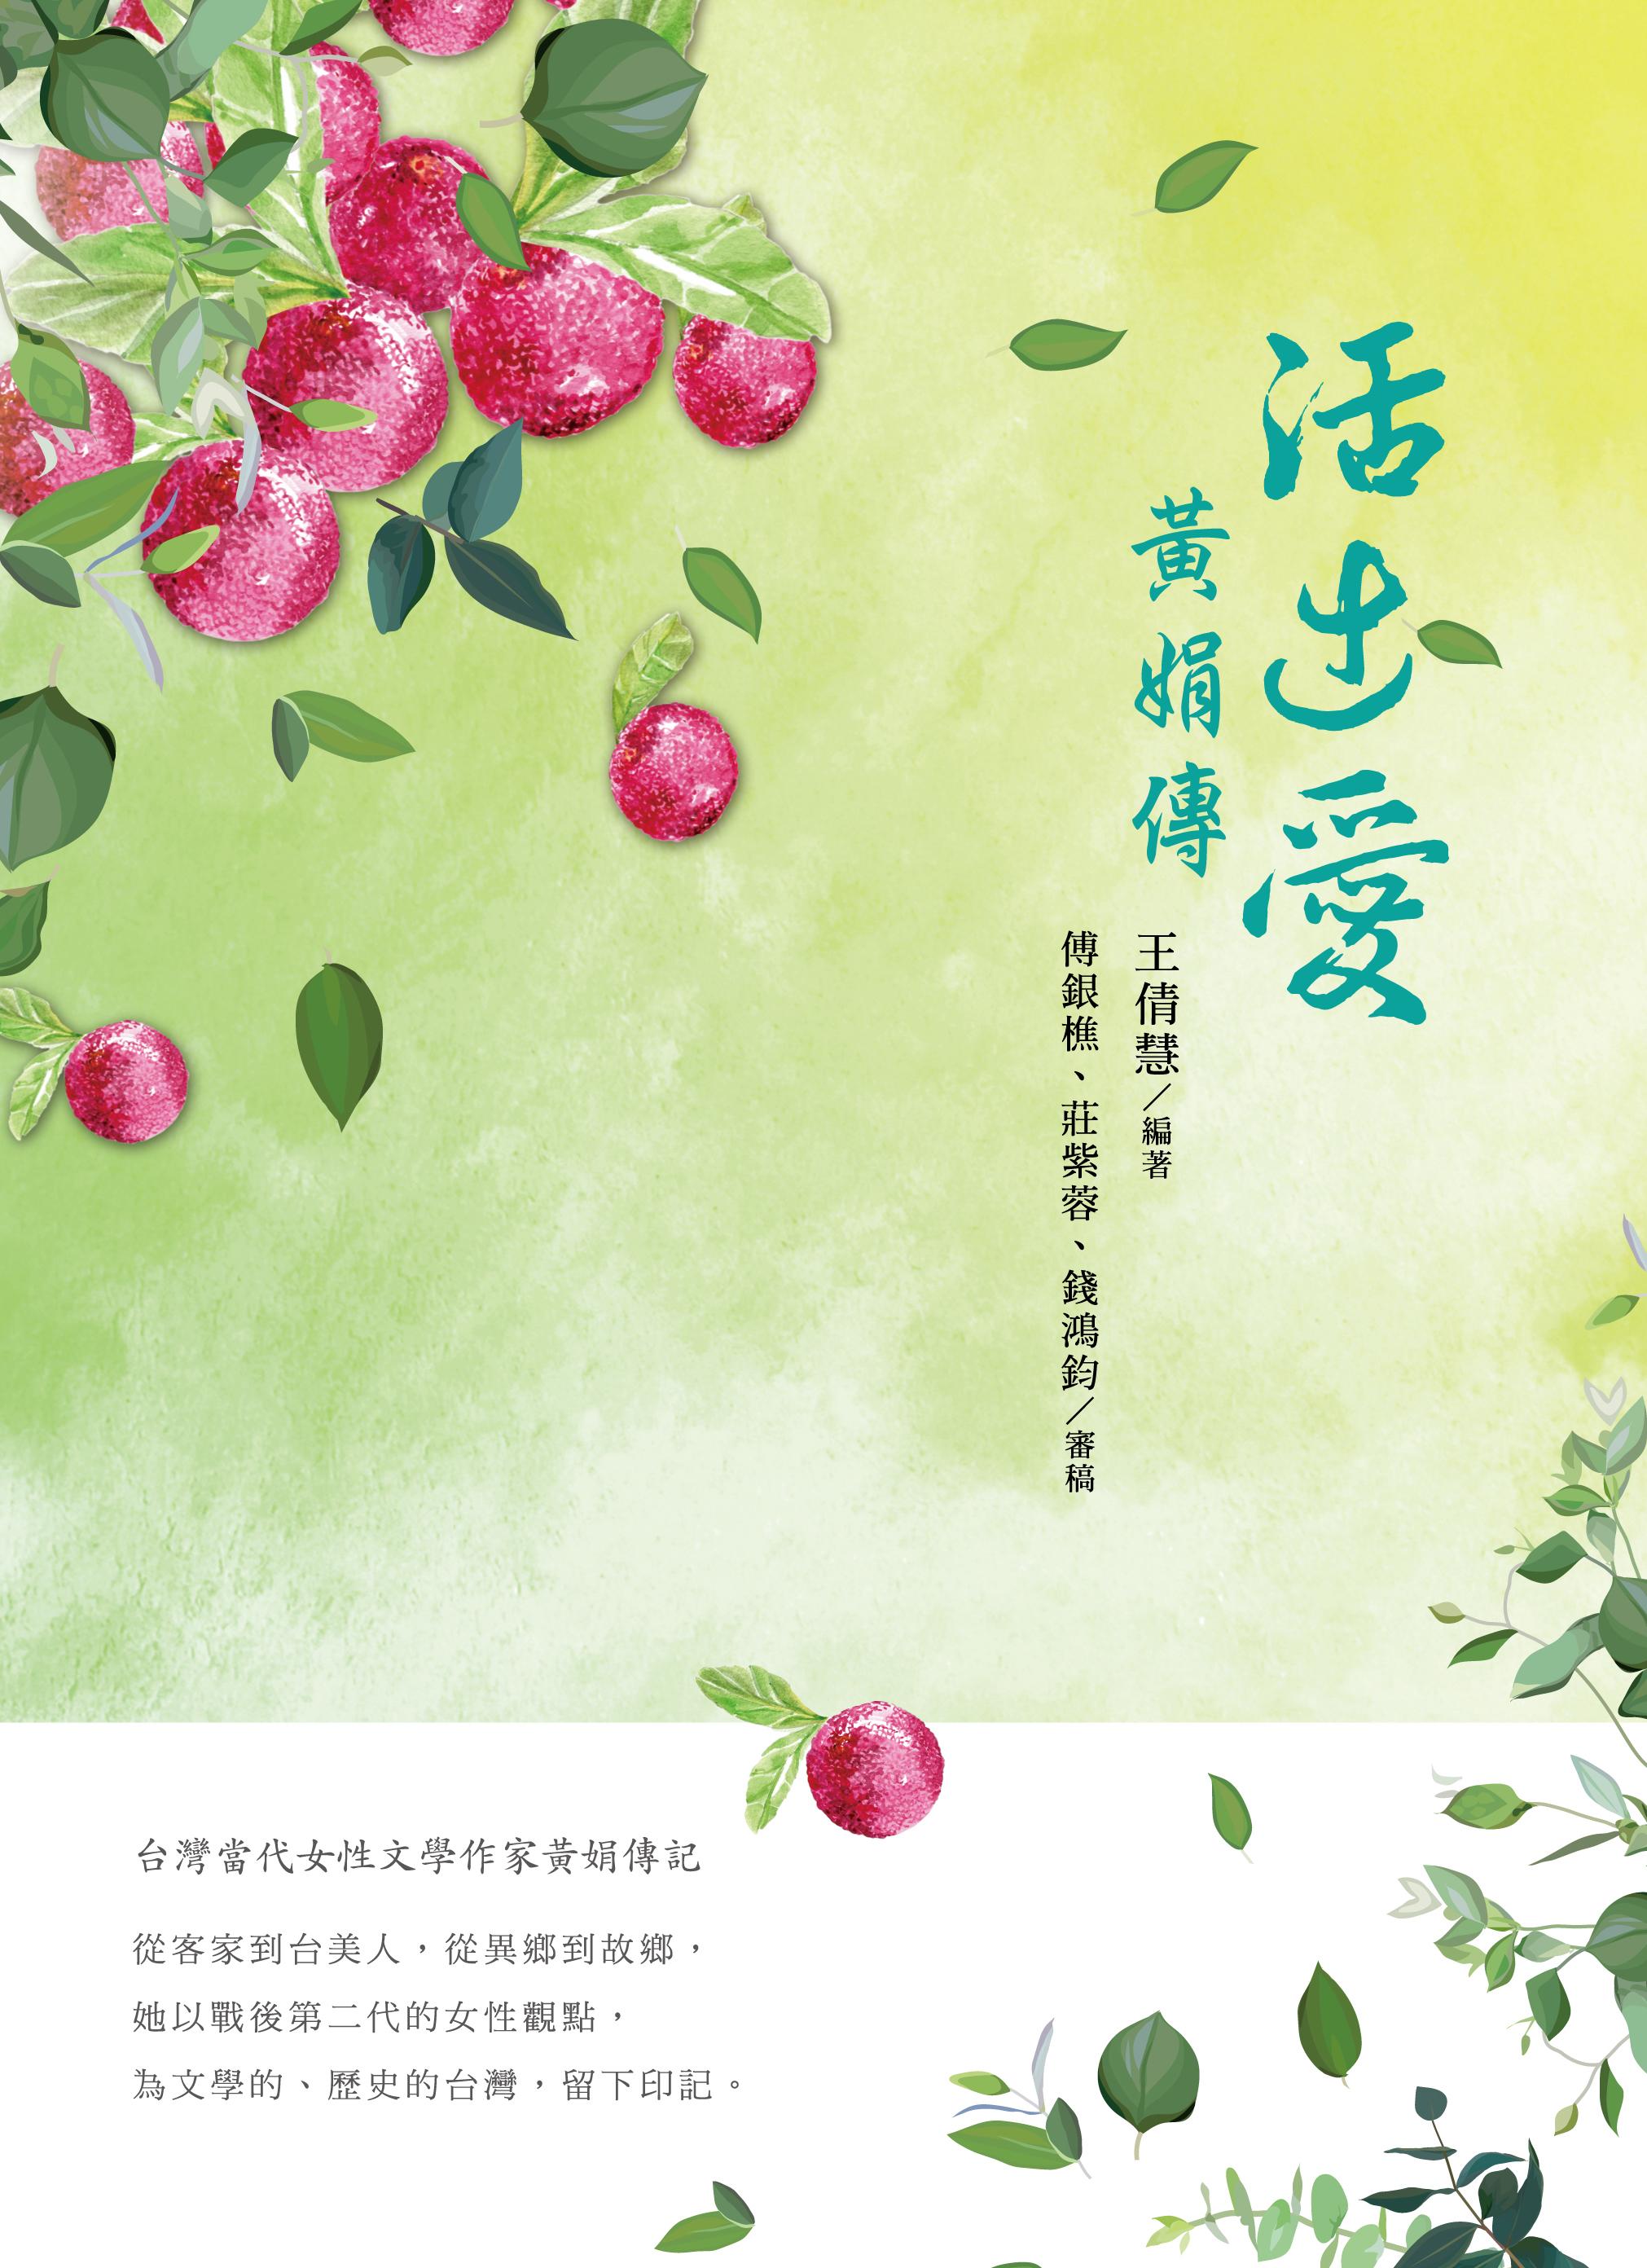 《活出愛:黃娟傳》新書發表座談會 @ 國立臺北教育大學至善樓地下一樓G105國際會議廳